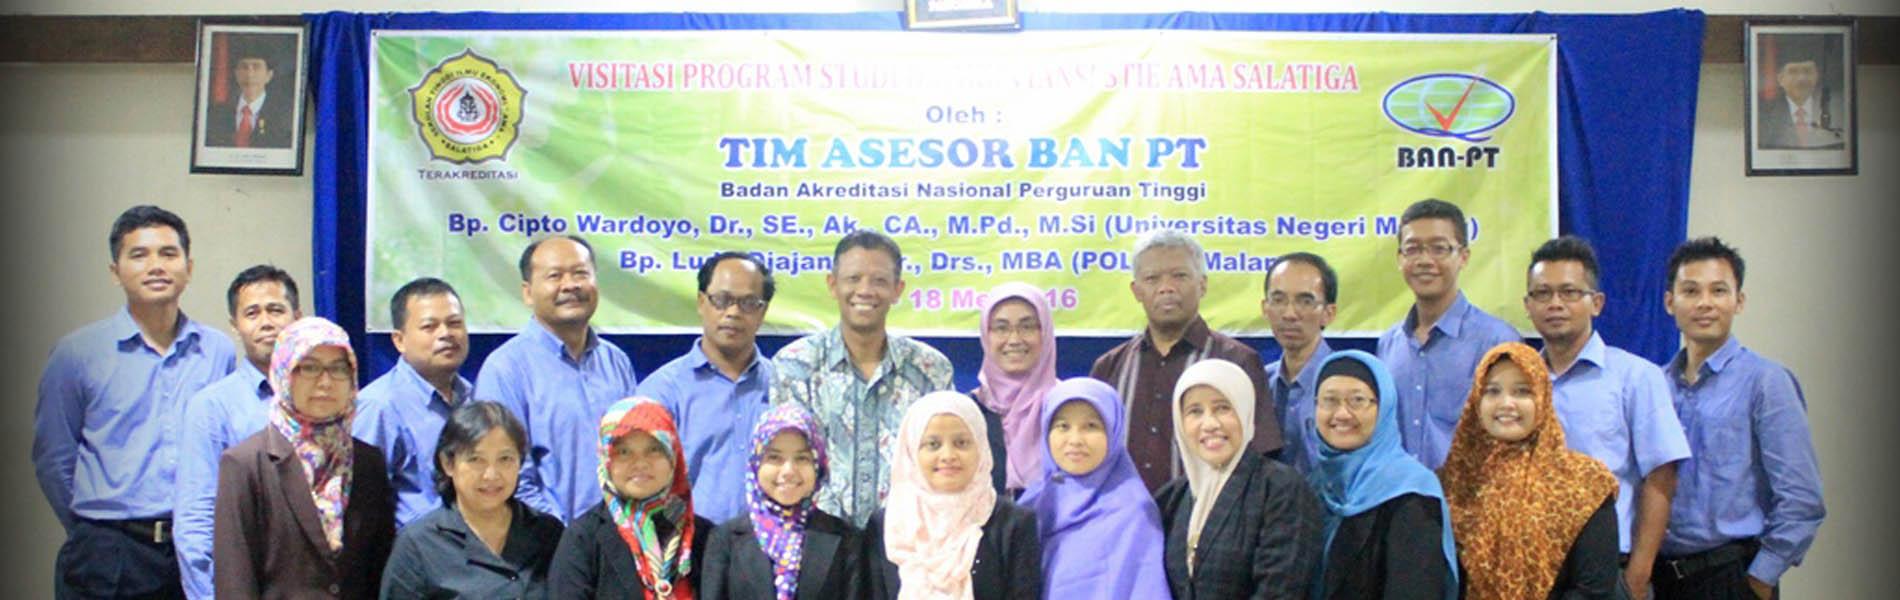 Visitasi oleh Asesor BAN-PT